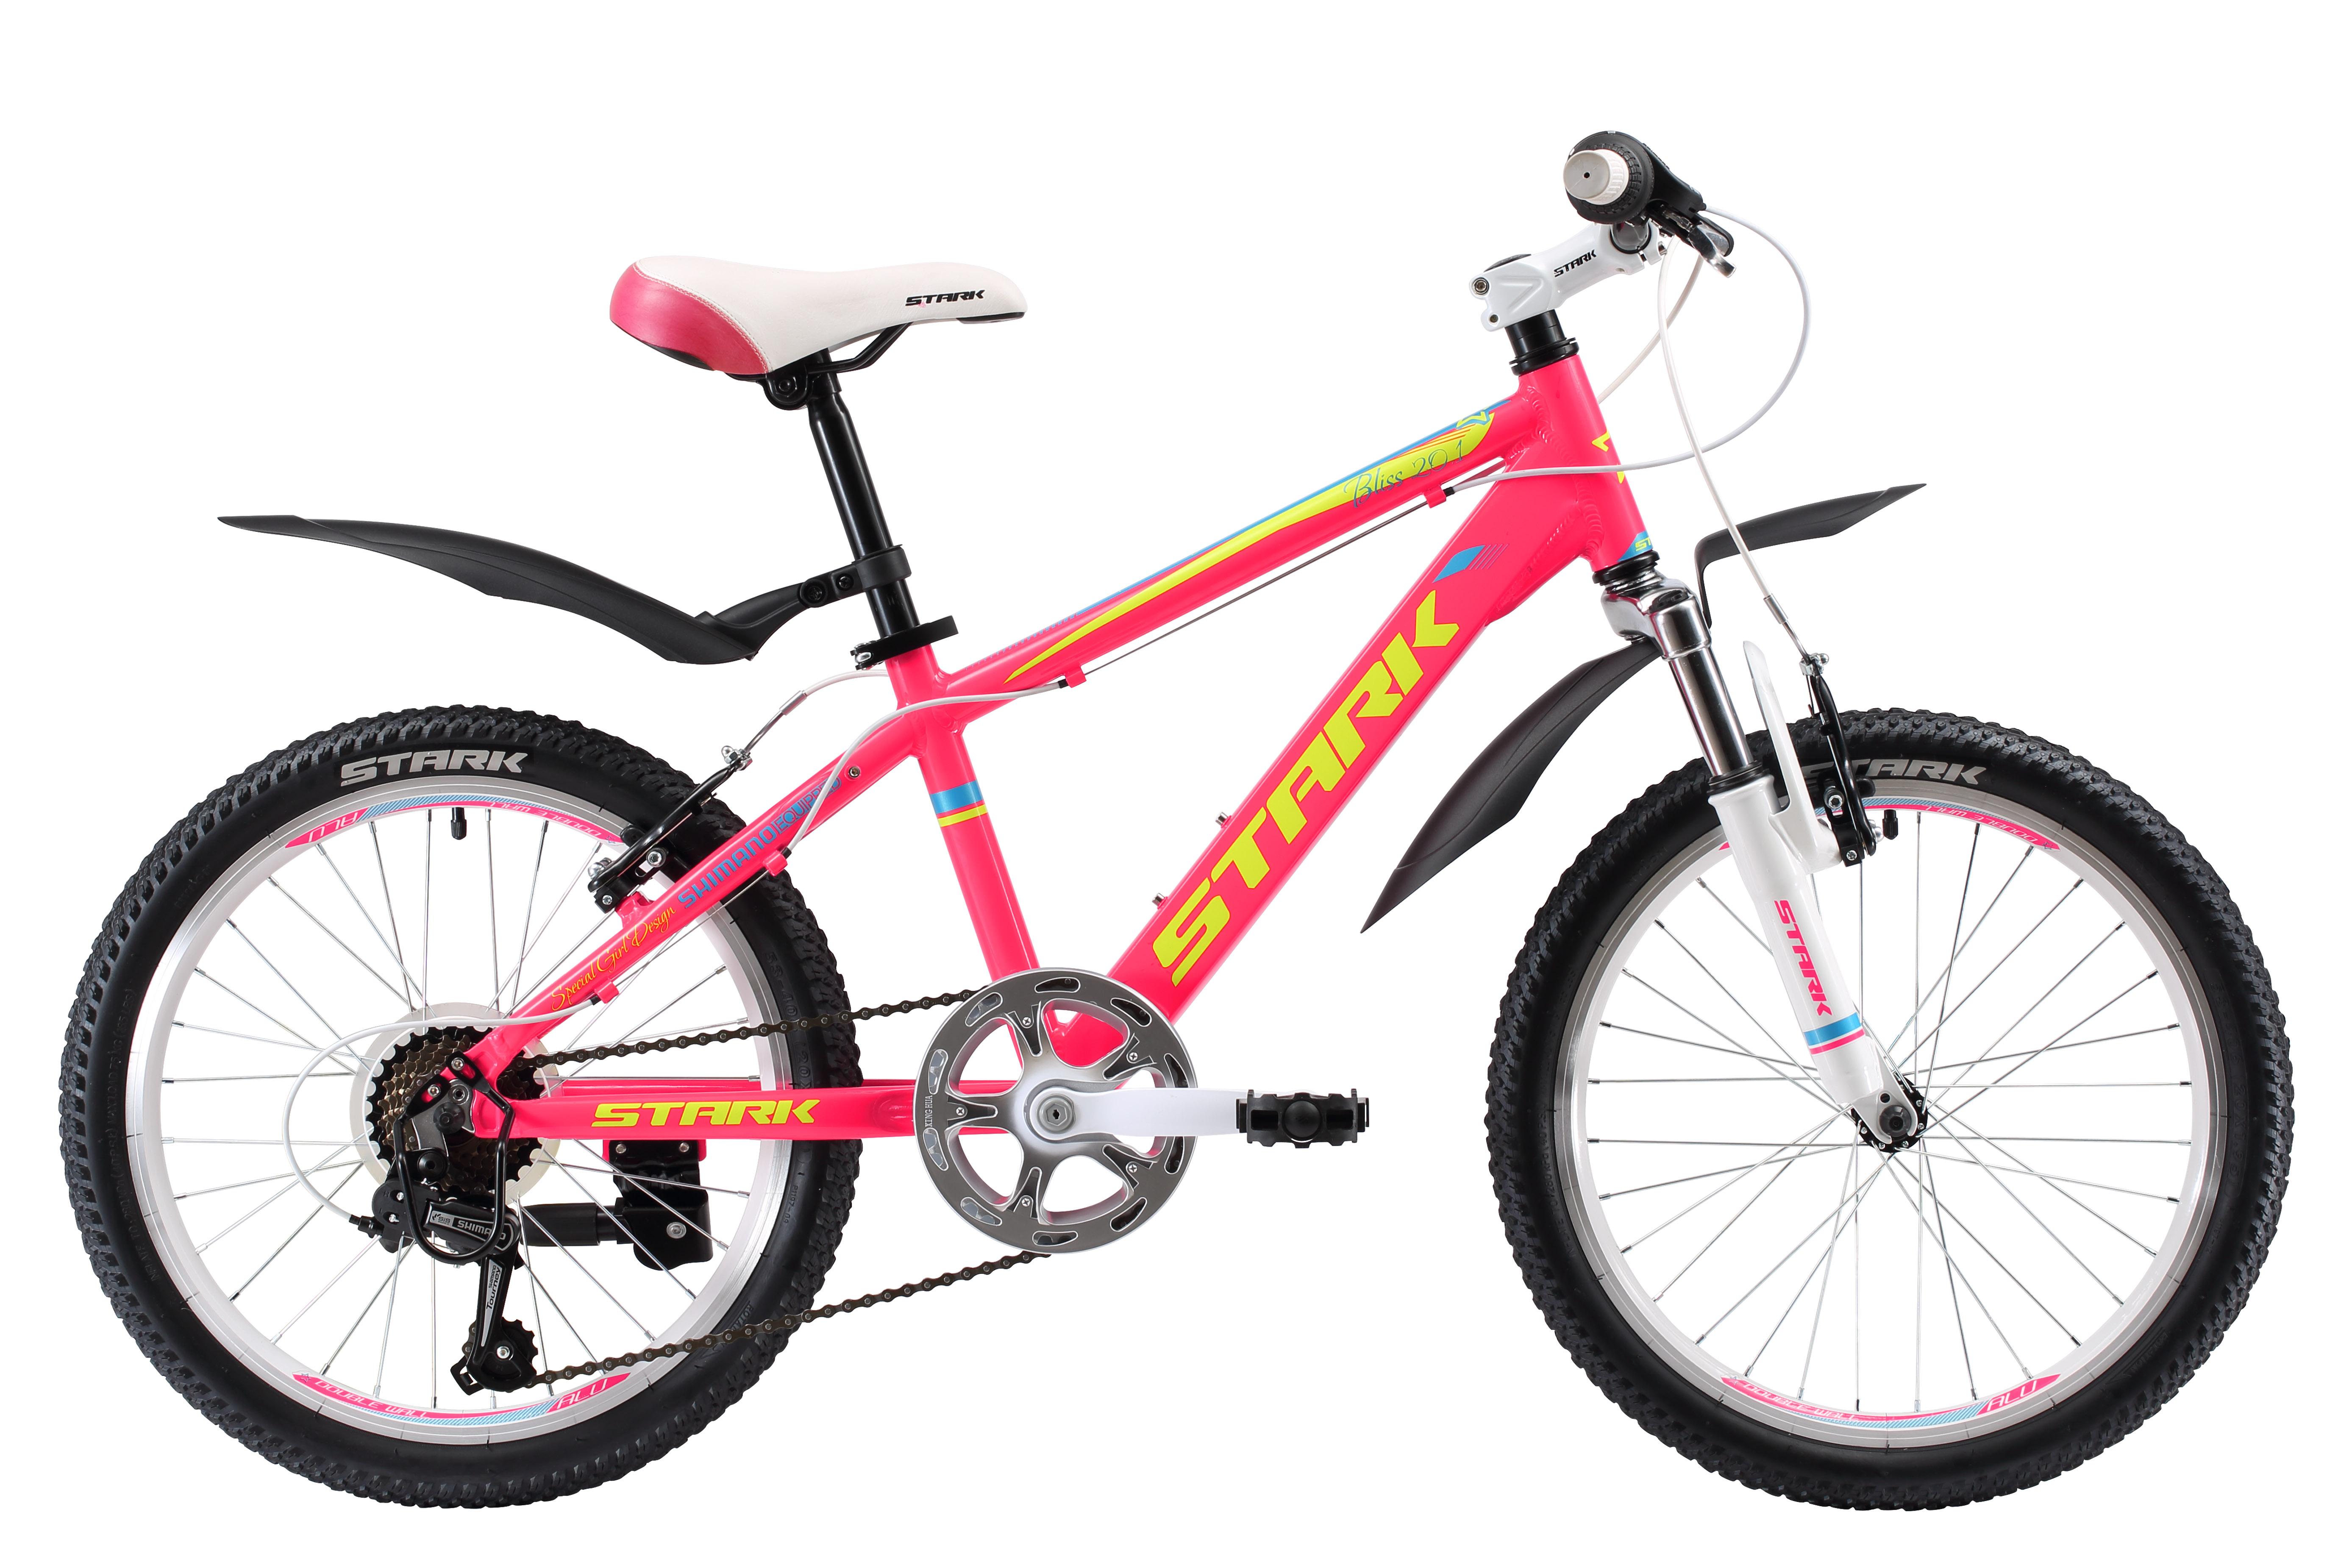 Купить Велосипед Stark Bliss 20.1 V 2017 Розово-Желтый, 6-9 лет (колеса 20 ), 1317874